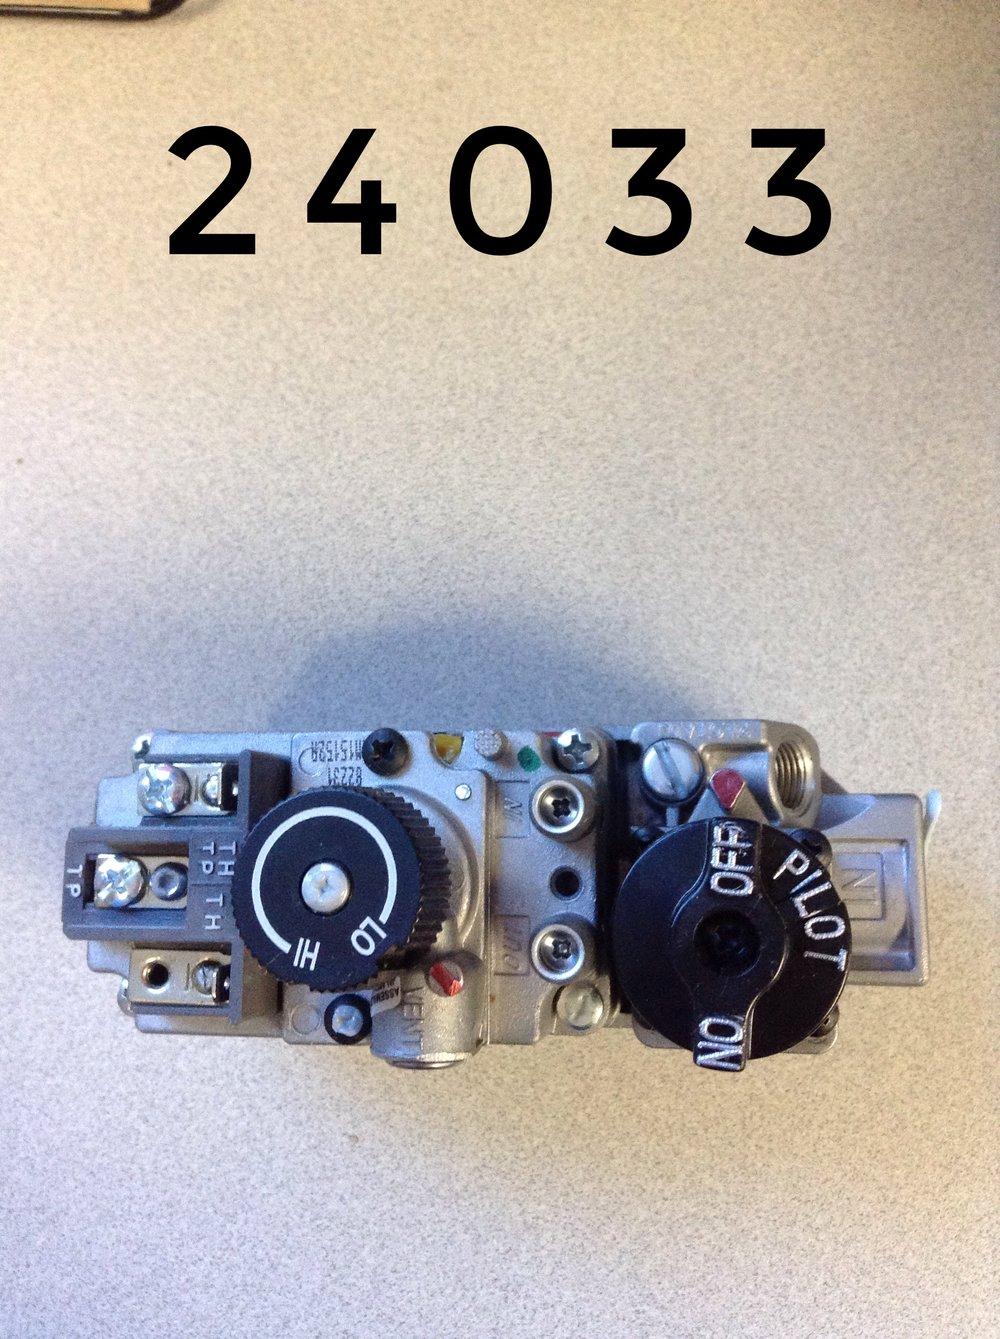 24033 (1).JPG